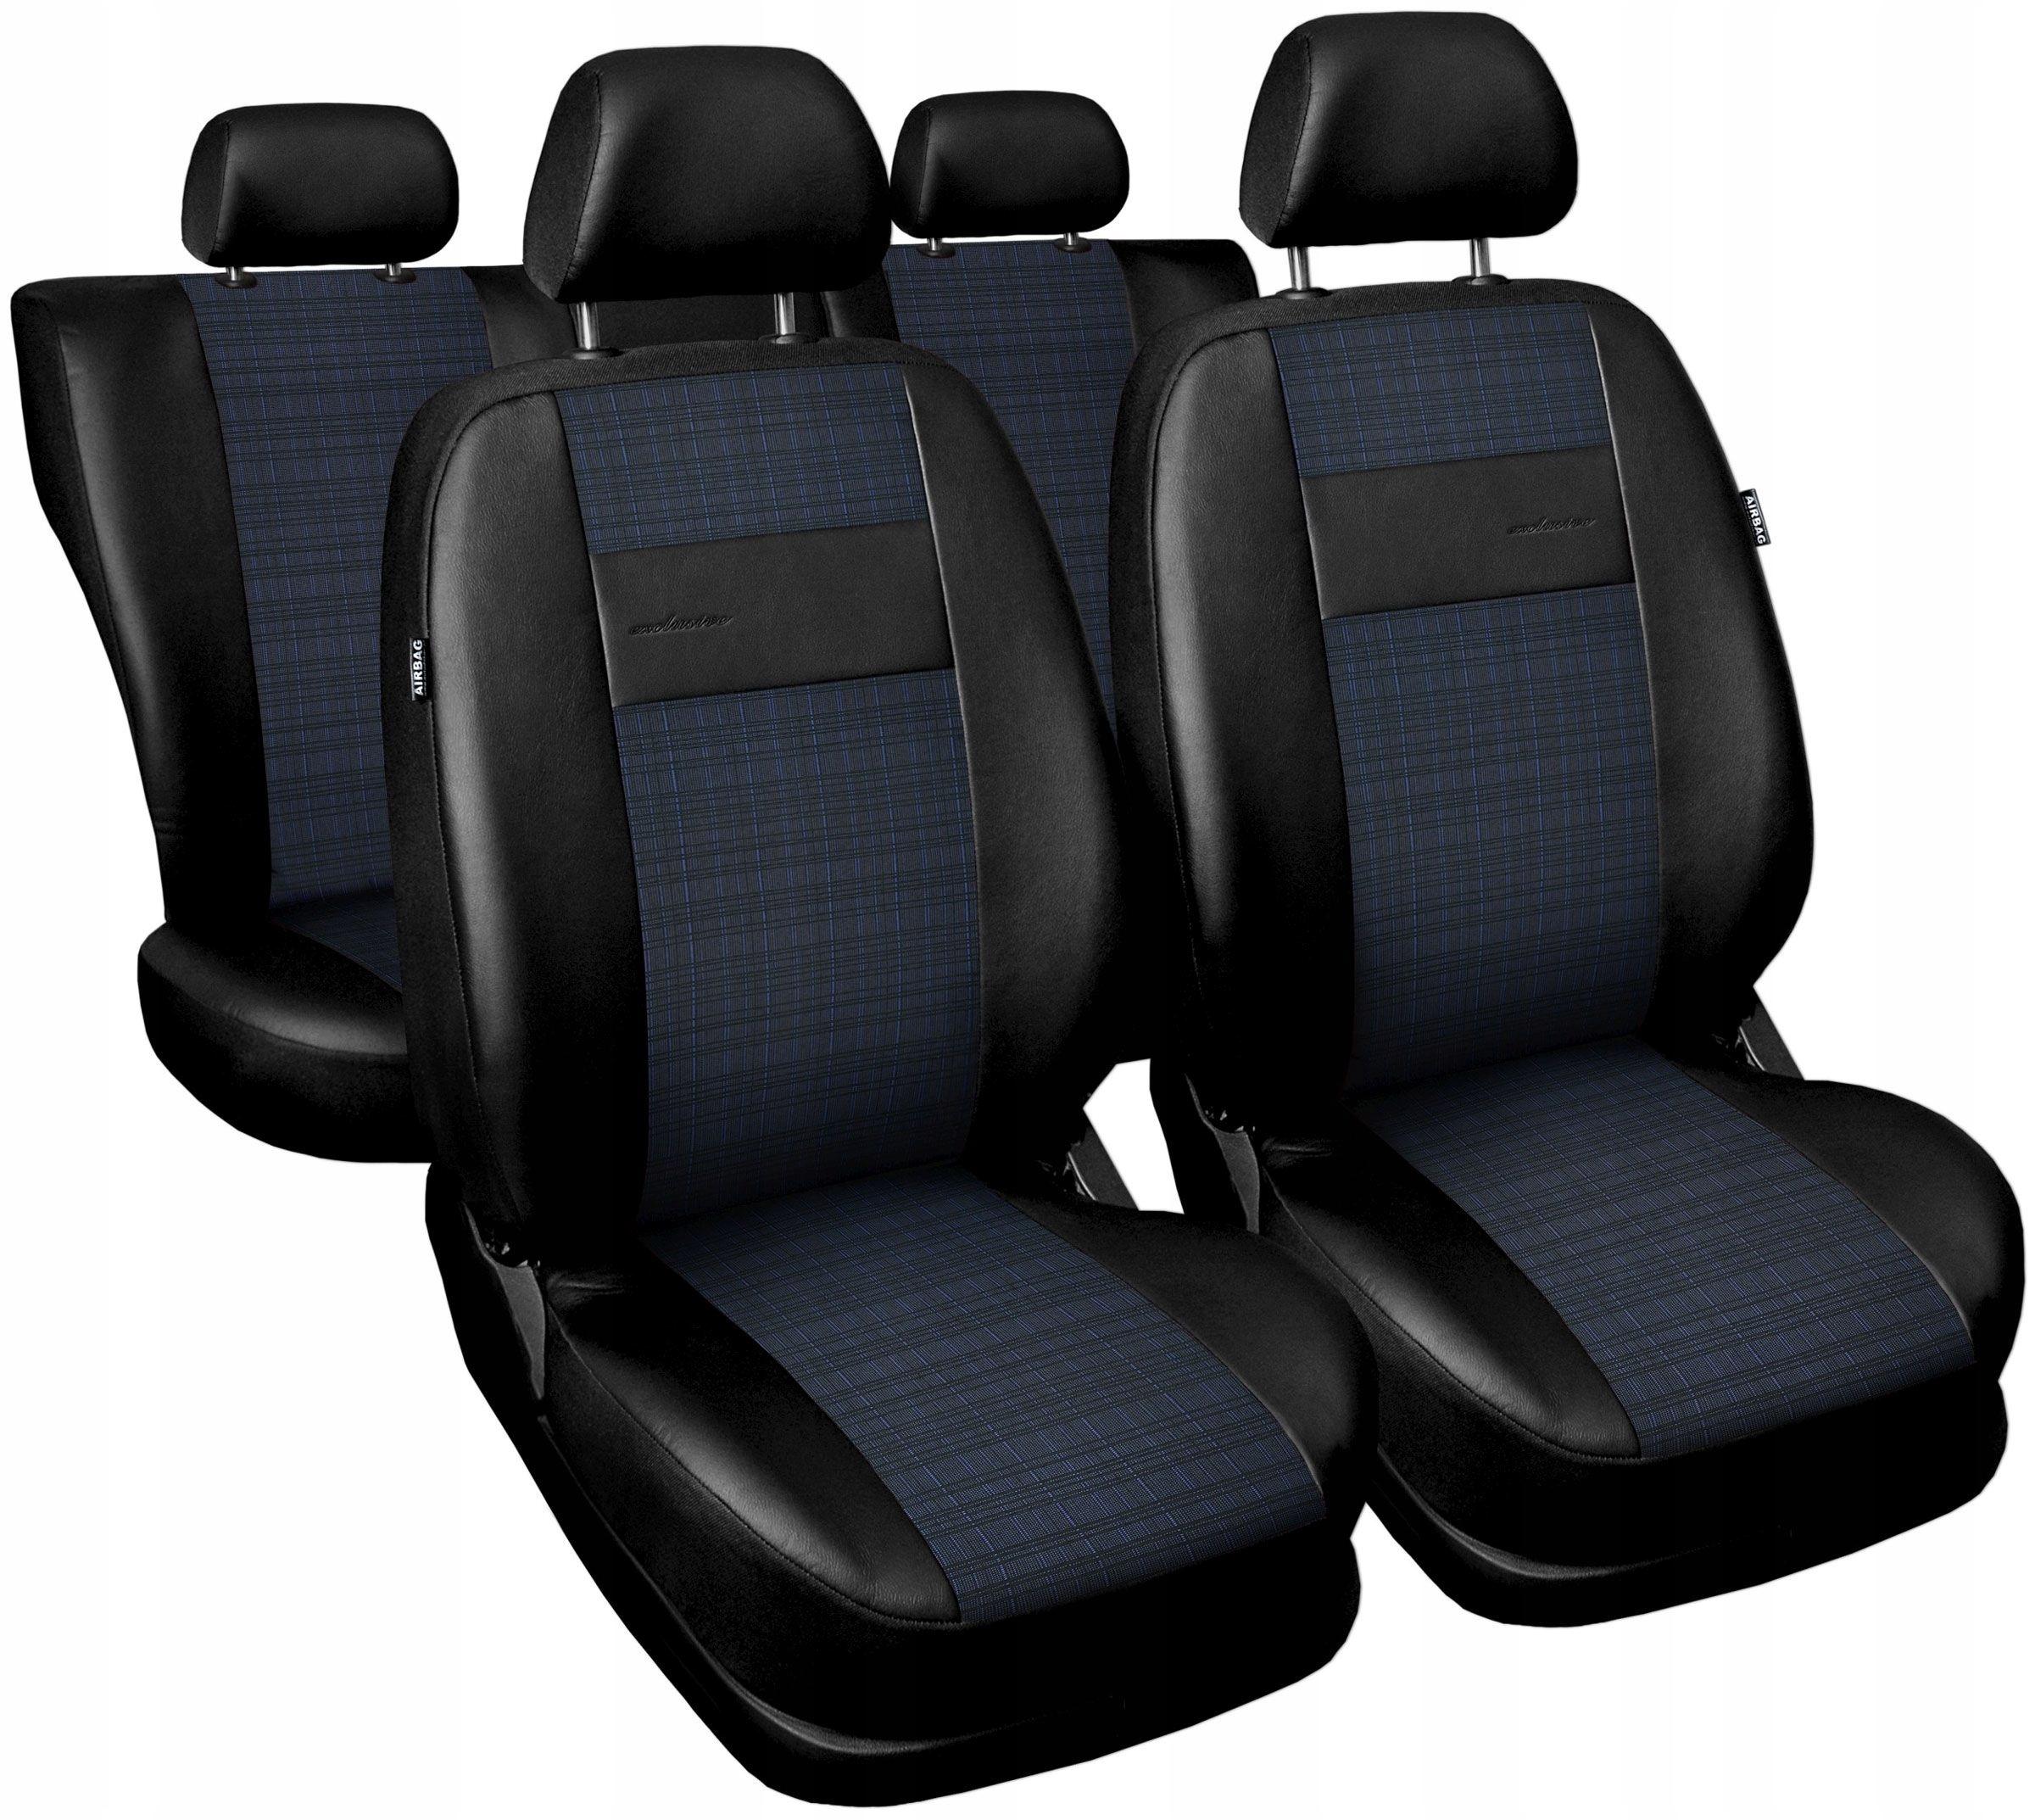 Pokrowce E6 na fotele do Audi A6 C4 C5 C6 C7